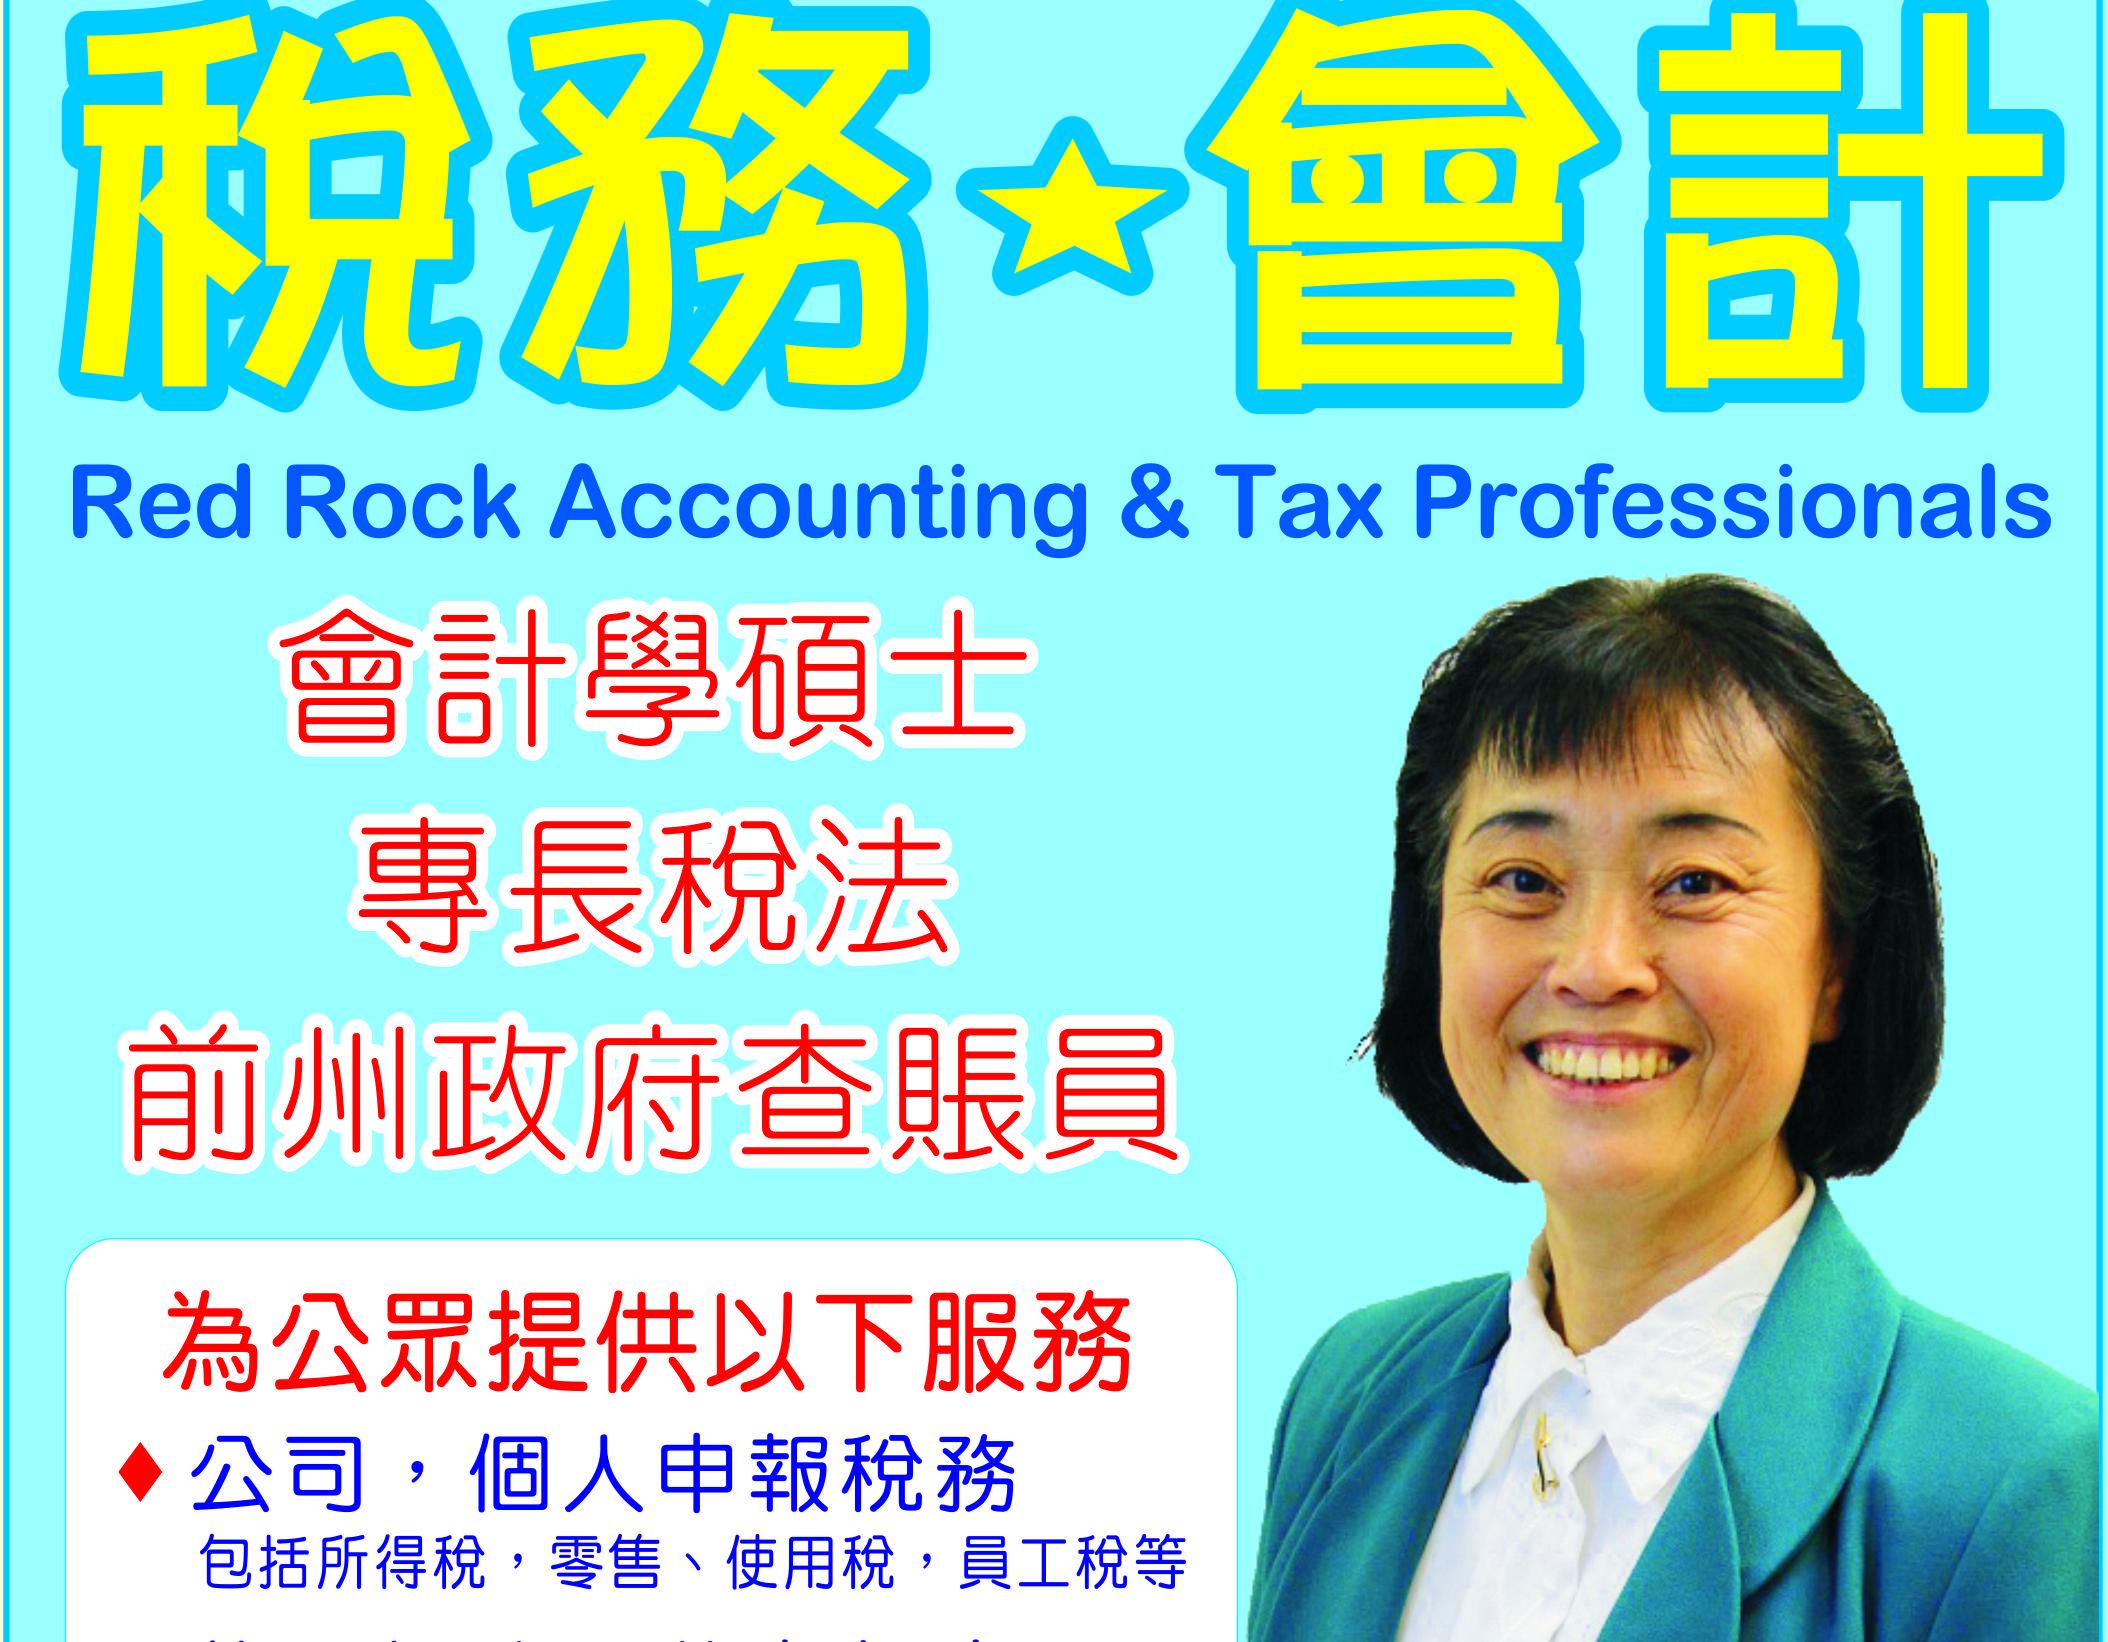 刘丽蓉税务会计事务所  Red Rock Accounting &amp; Tax Professional<